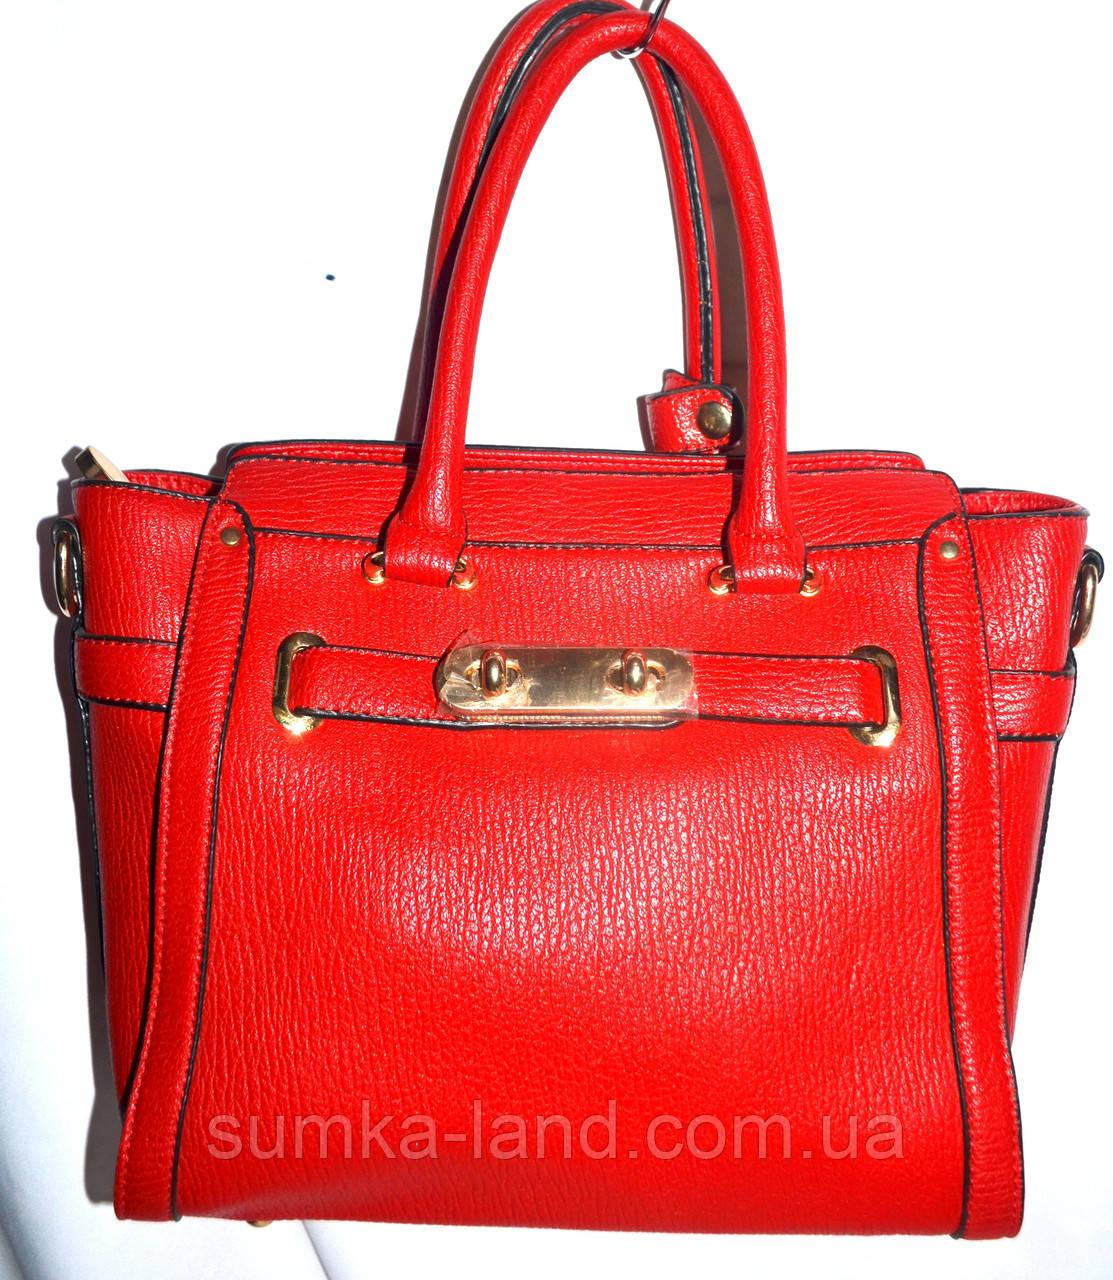 Женская классическая красная сумка из искусственной кожи с длинным ремешком размер 26*24 см